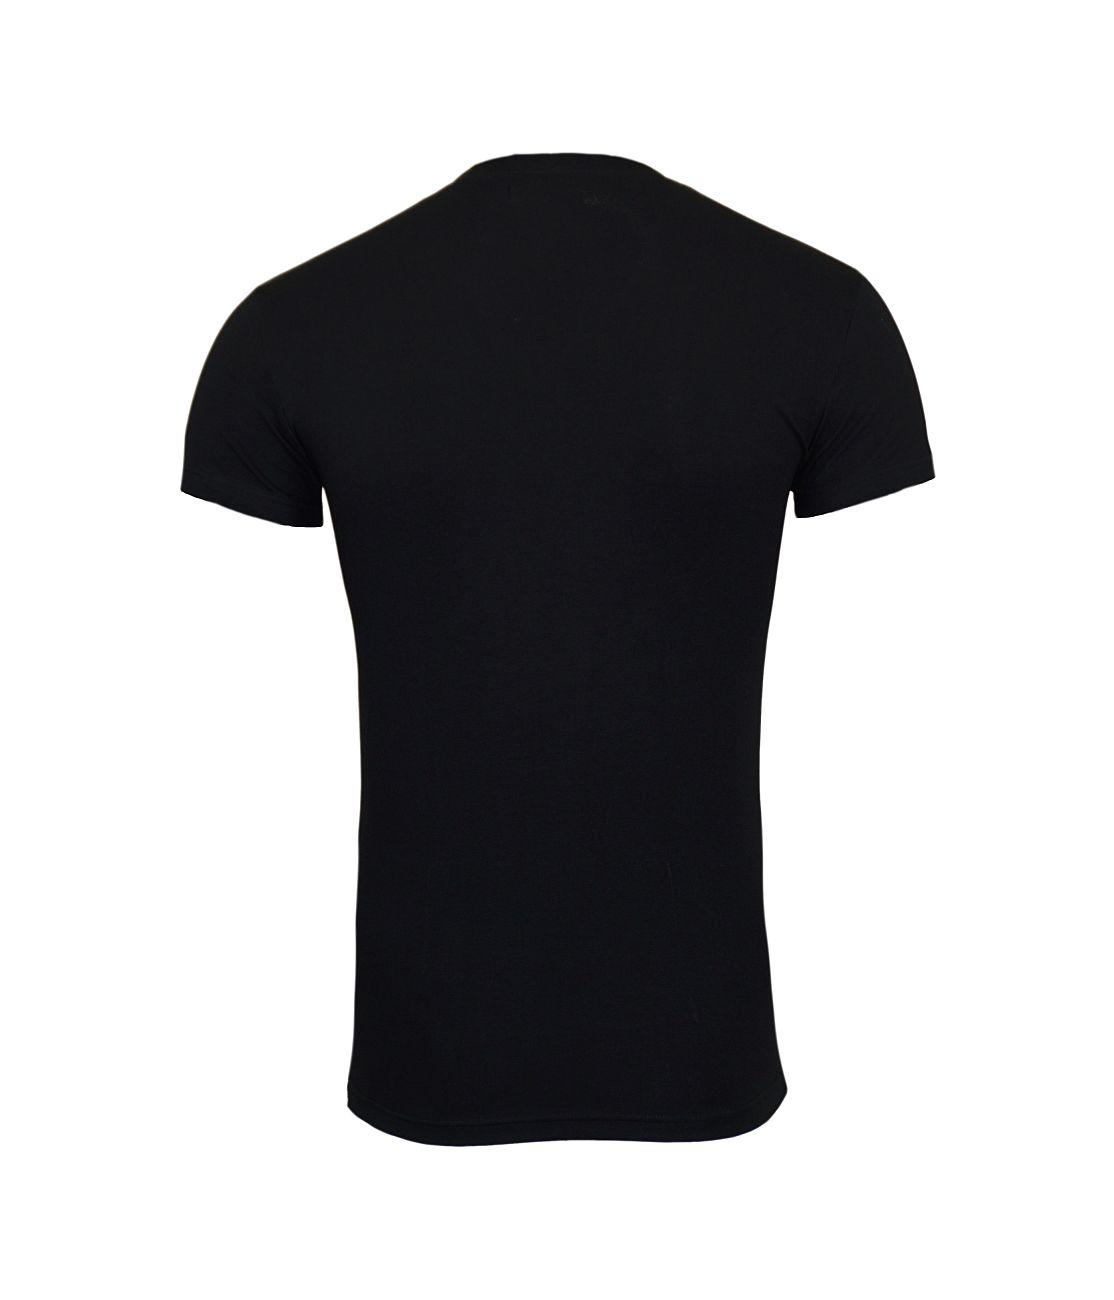 Emporio Armani T-Shirt V-Ausschnitt 110810 8P512 00020 NERO F18-EAT1